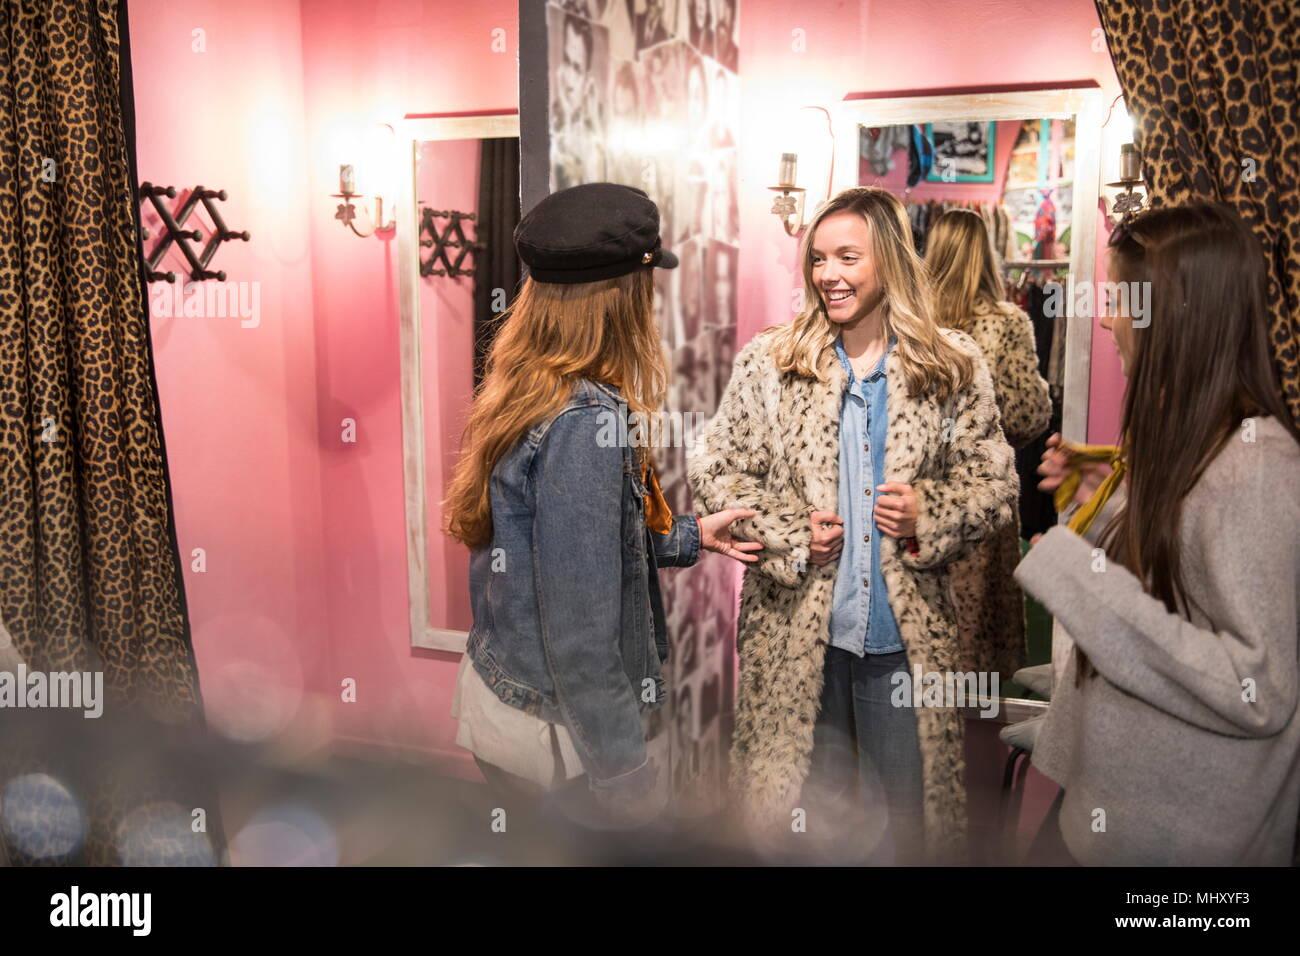 Amici cercando su abbigliamento vintage parsimonia nel negozio Immagini Stock